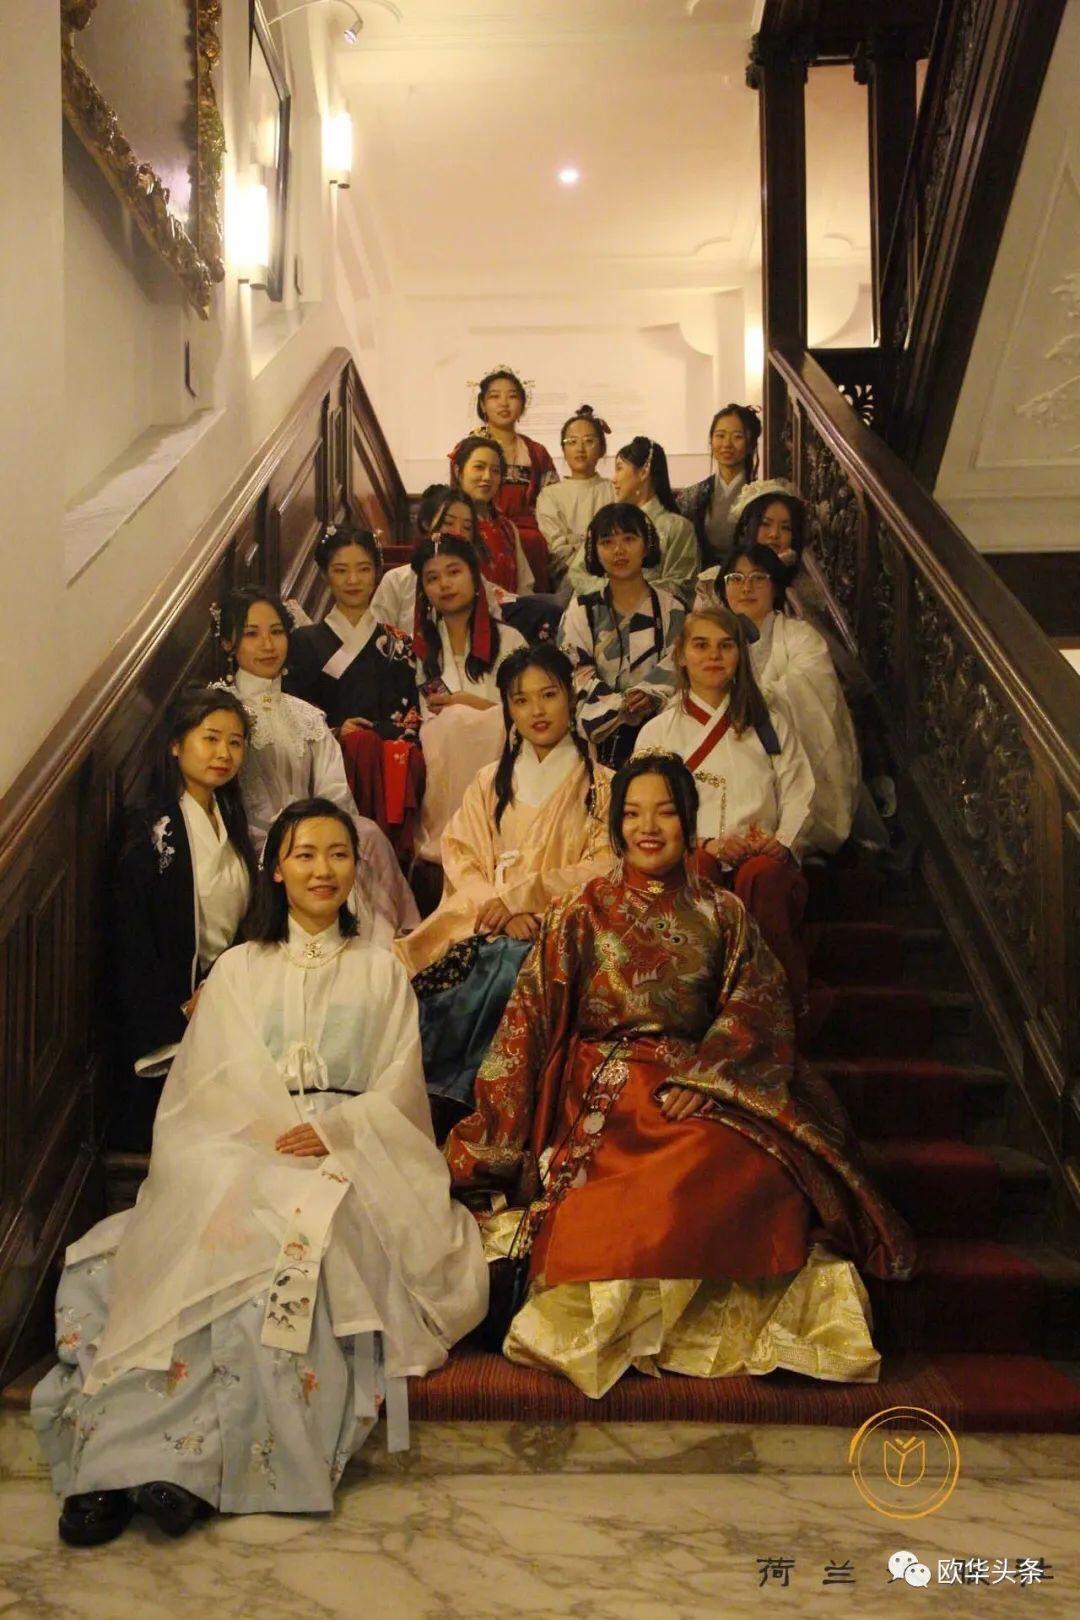 传播汉文化! 欧洲各大汉文化协会携手国内同袍为疫情在行动! 意国杂烩 第15张